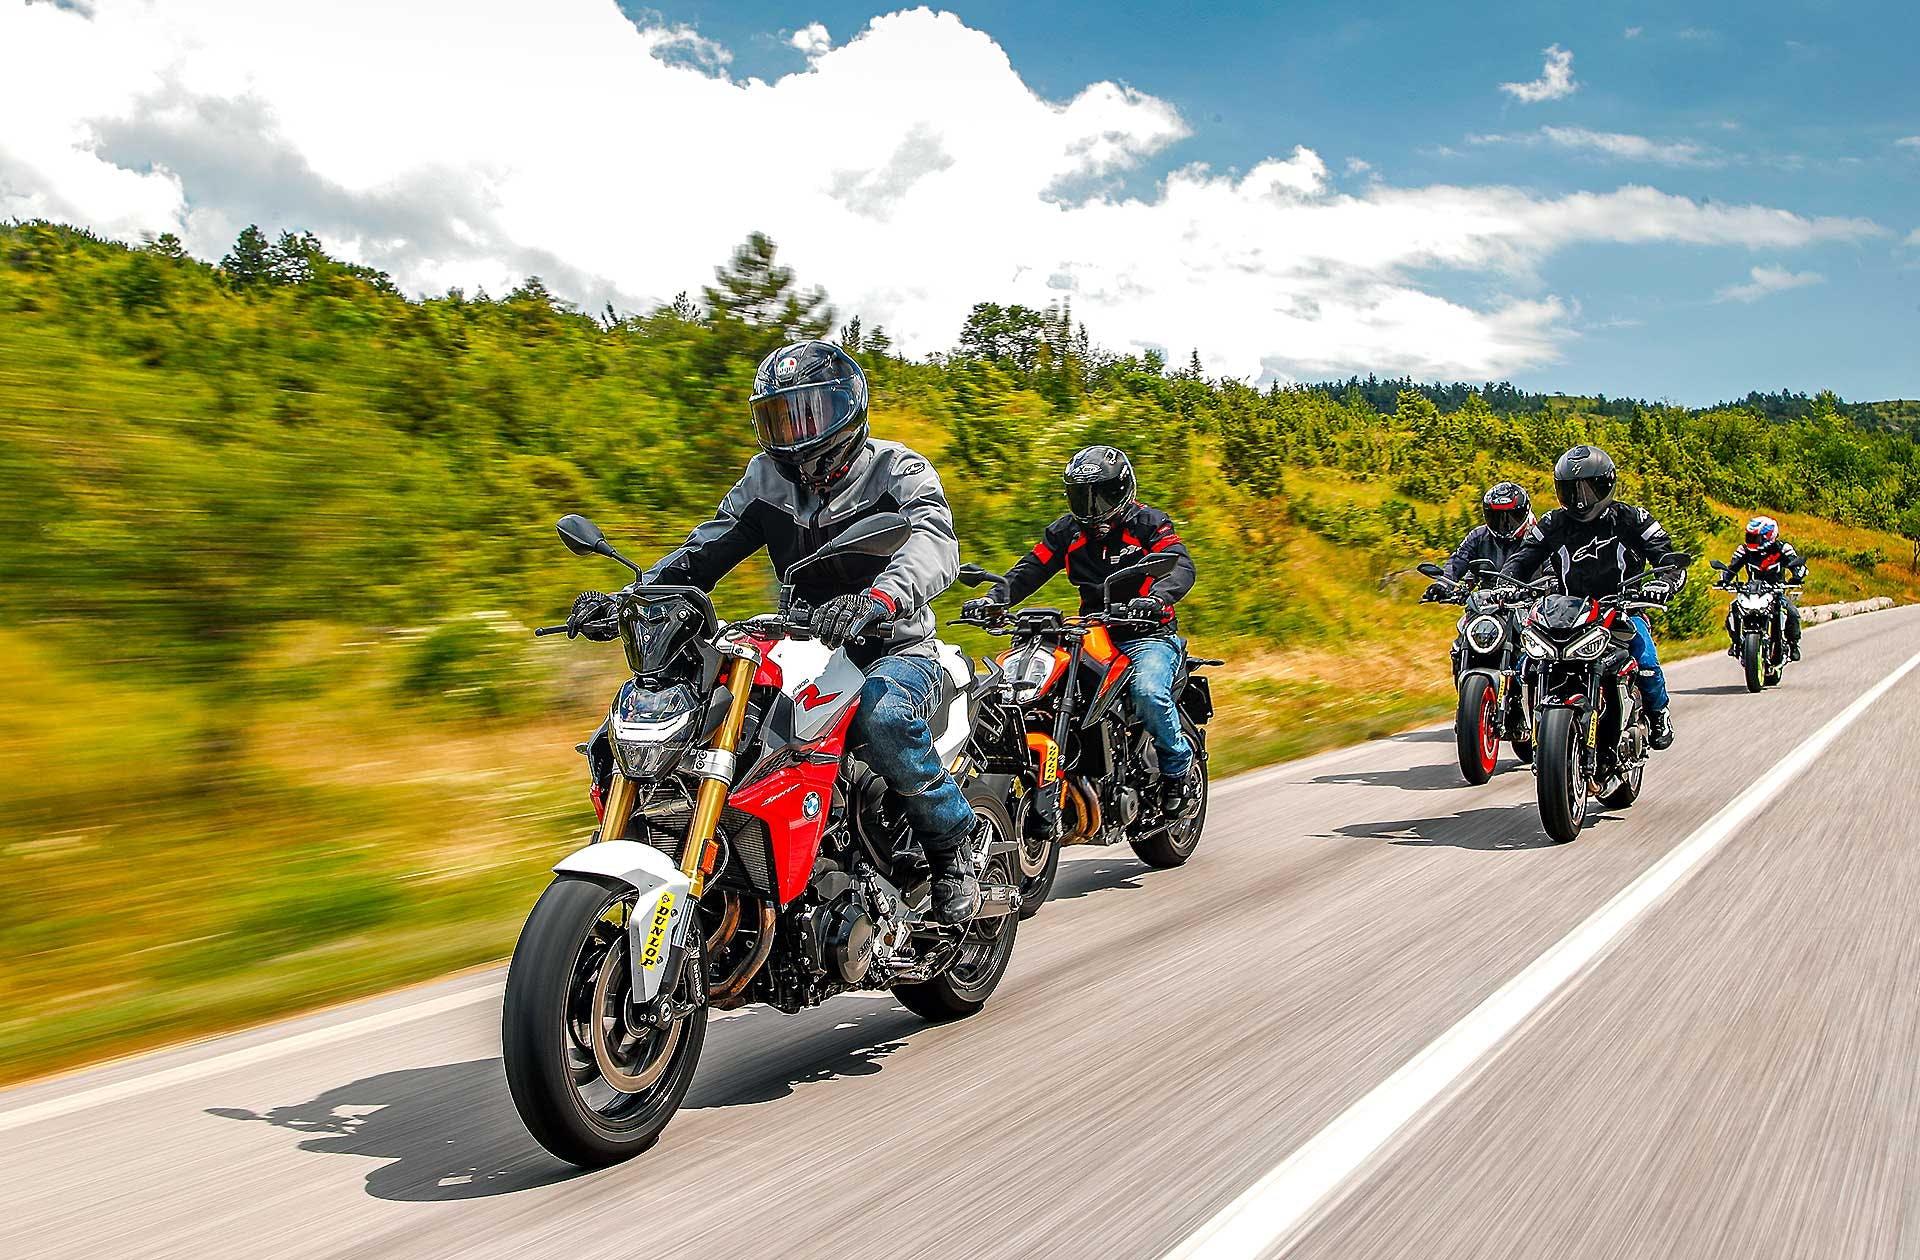 migliori naked medie BMW F 900 R, KTM 890 Duke, Triumph Street Triple R, Kawasaki Z900, Ducati Monster